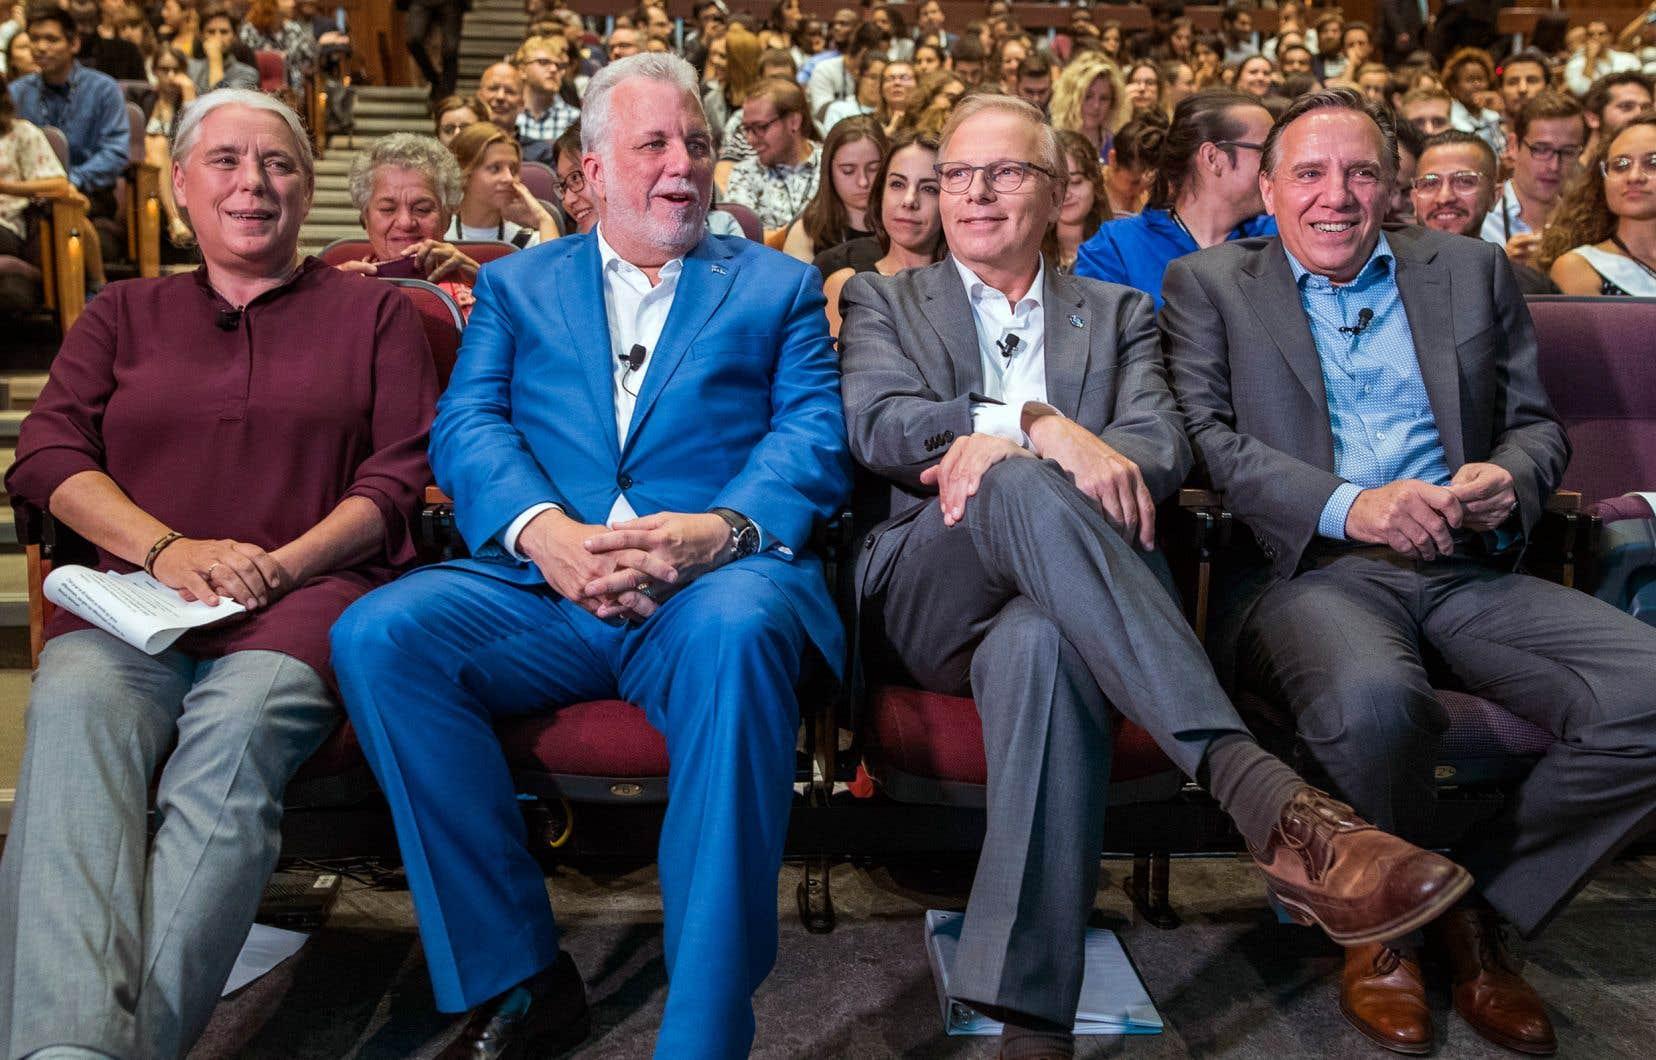 Manon Massé, Philippe Couillard, Jean-François Lisée et François Legault ont participé vendredi à une soirée politique consacrée à la génération des 18-35 ans, organisée par l'Institut du Nouveau Monde et «Le Devoir».